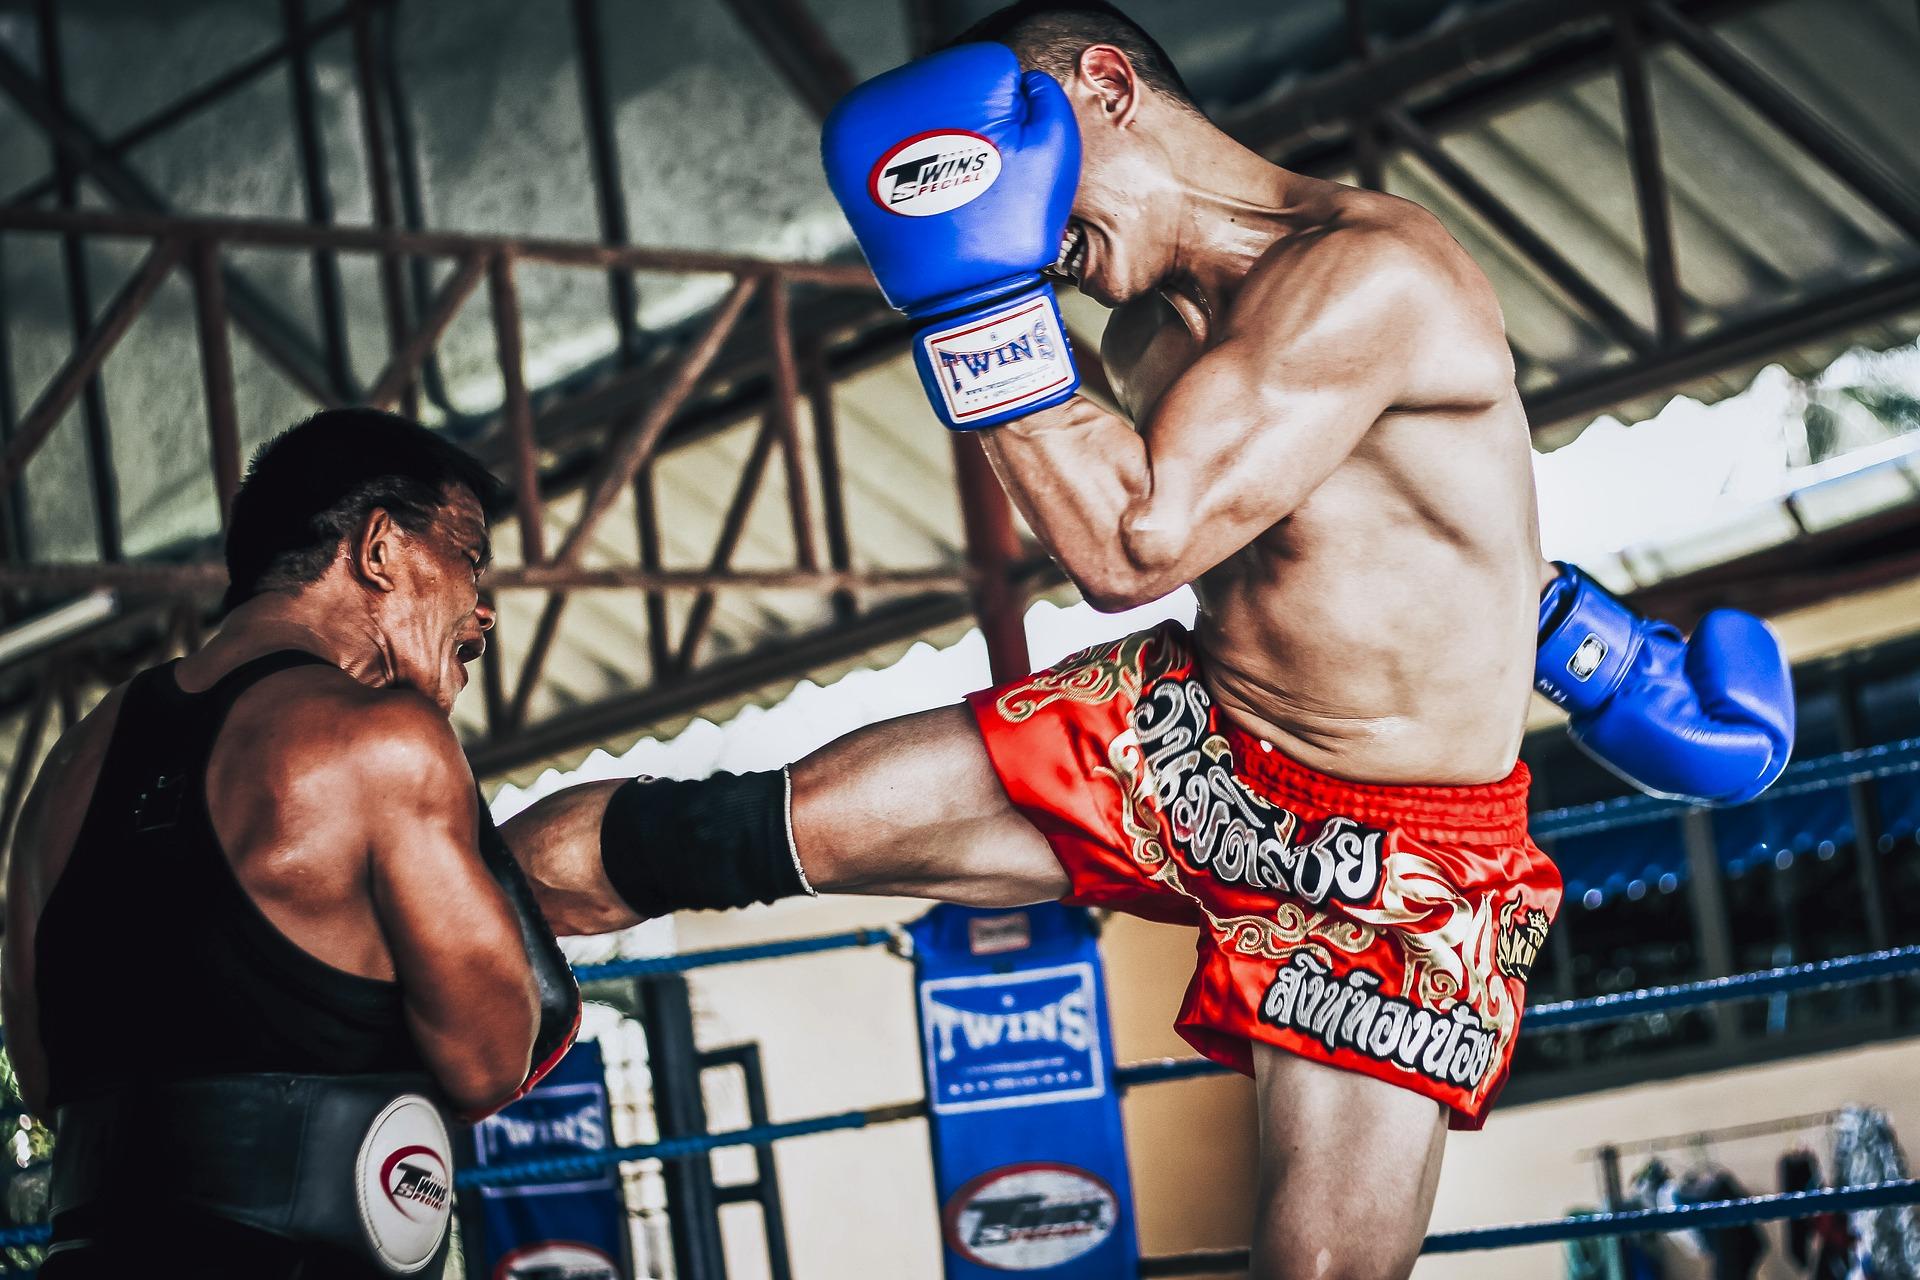 Imagem de um homem treinando muay thai.